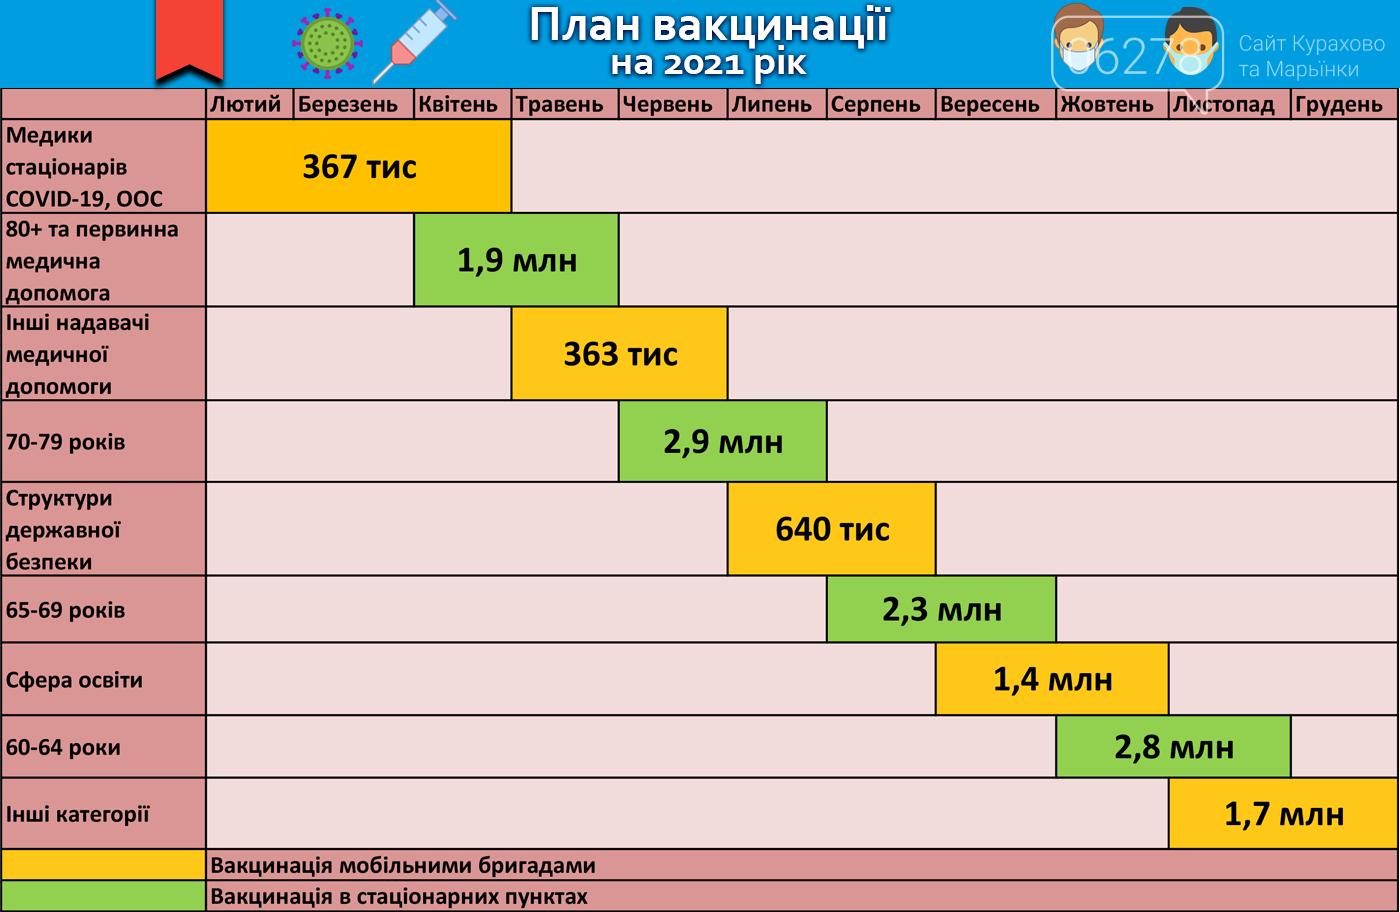 План вакцинации на 2021 год, Новости Курахово